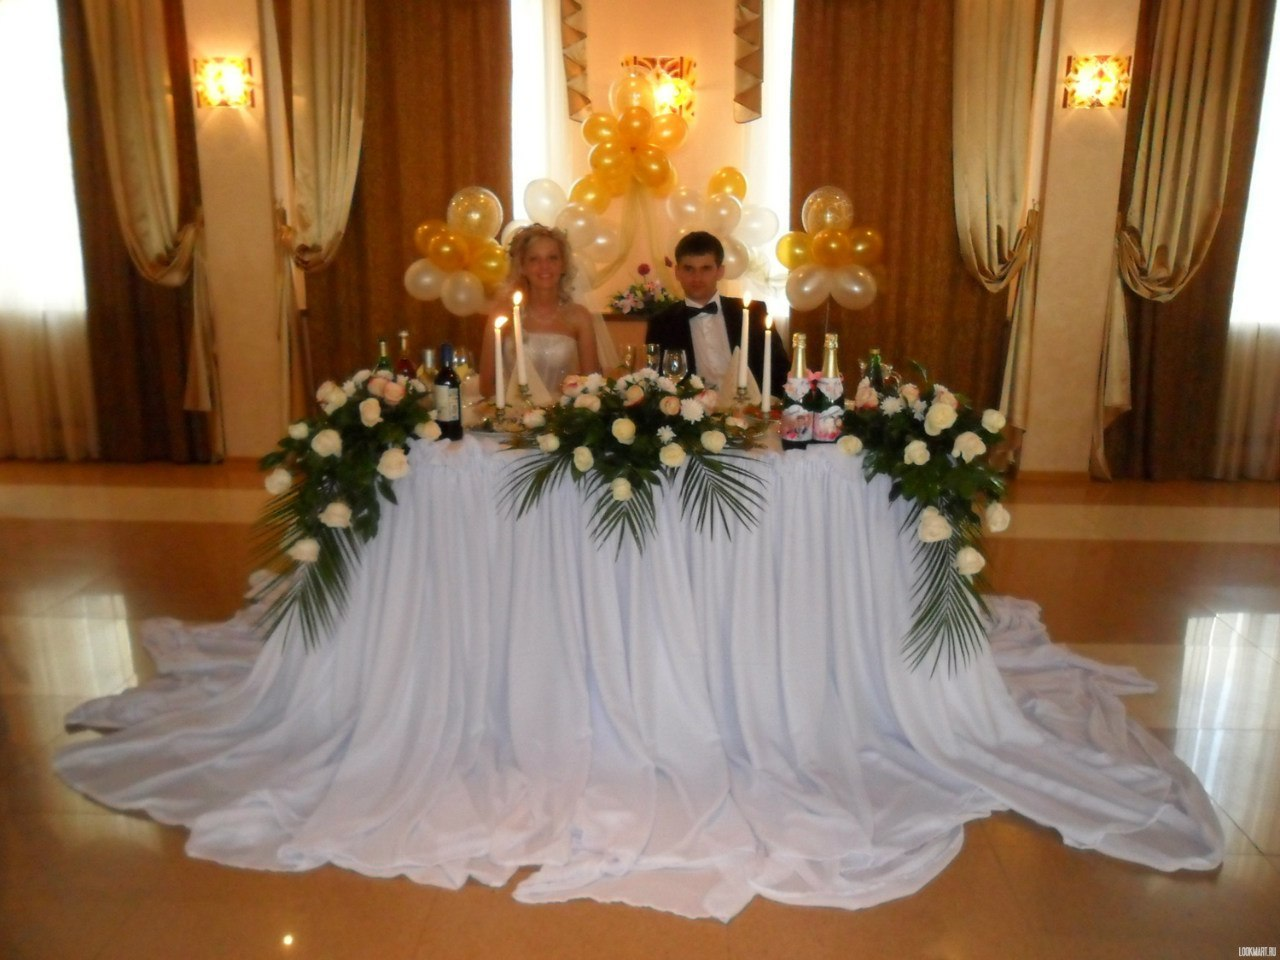 Оформление свадебного стола жениха и невесты своими руками фото